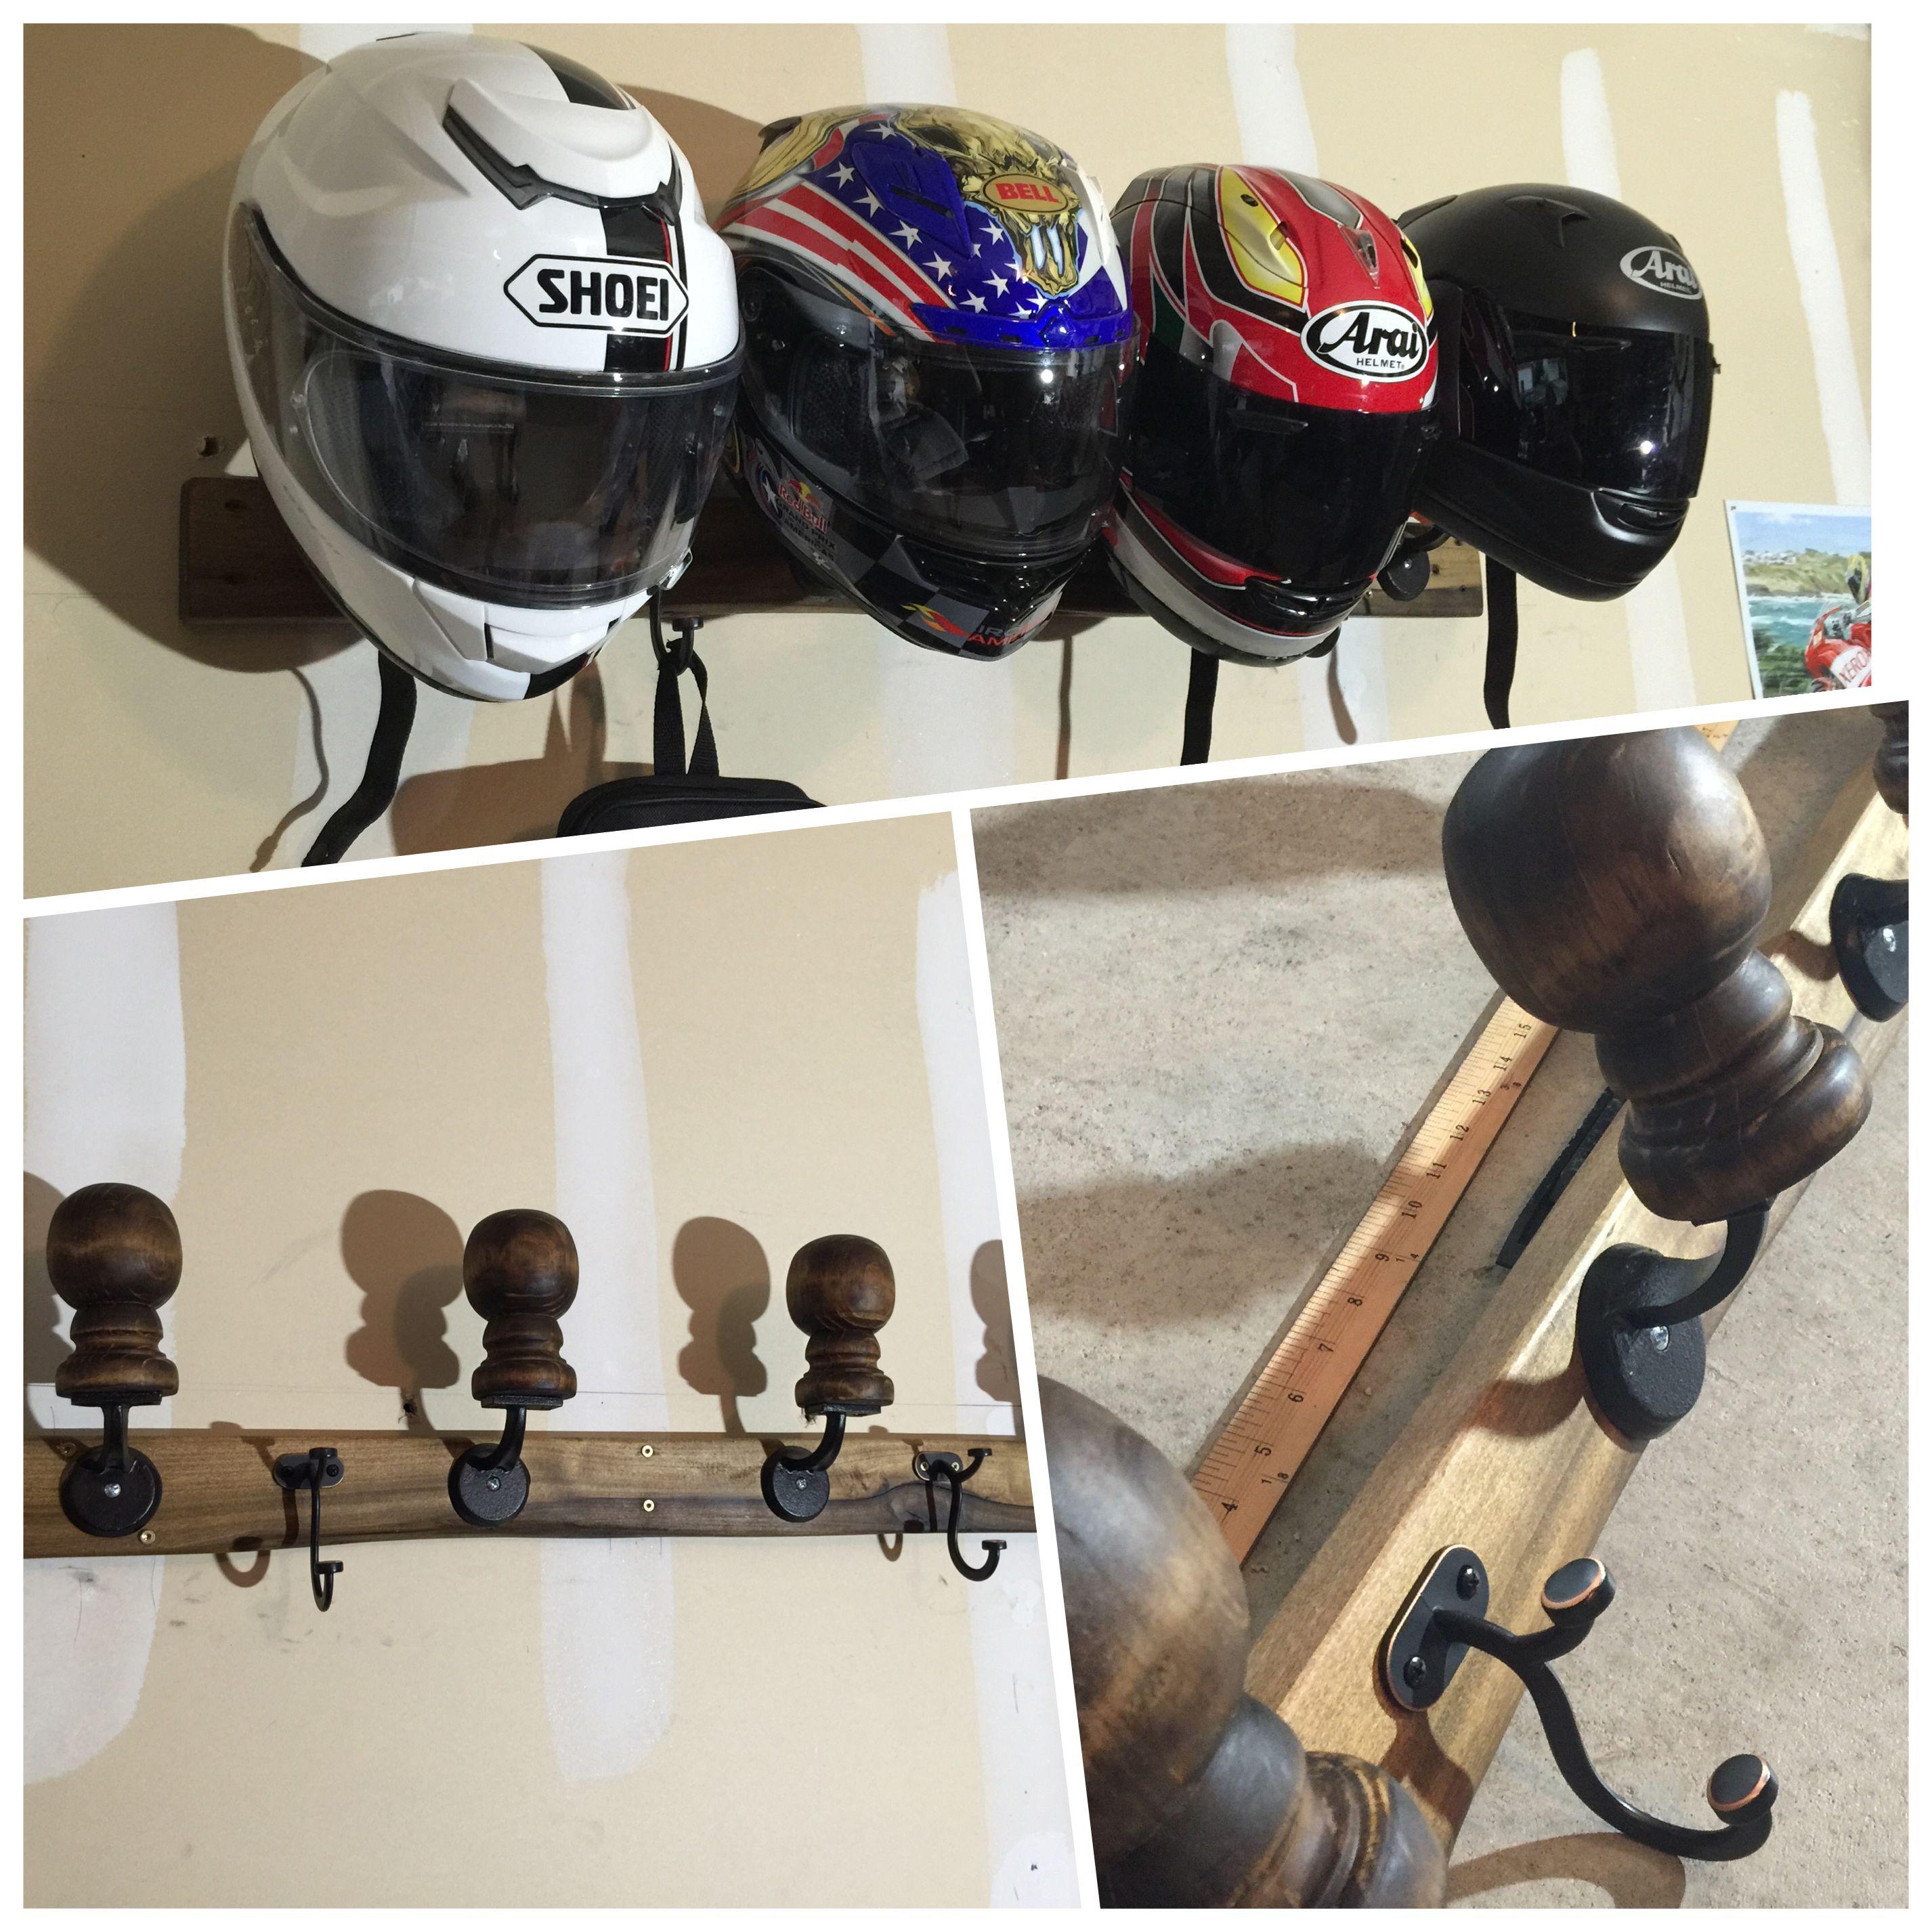 Homemade Motorcycle Helmet Rack Organizers Gear Motorcycle